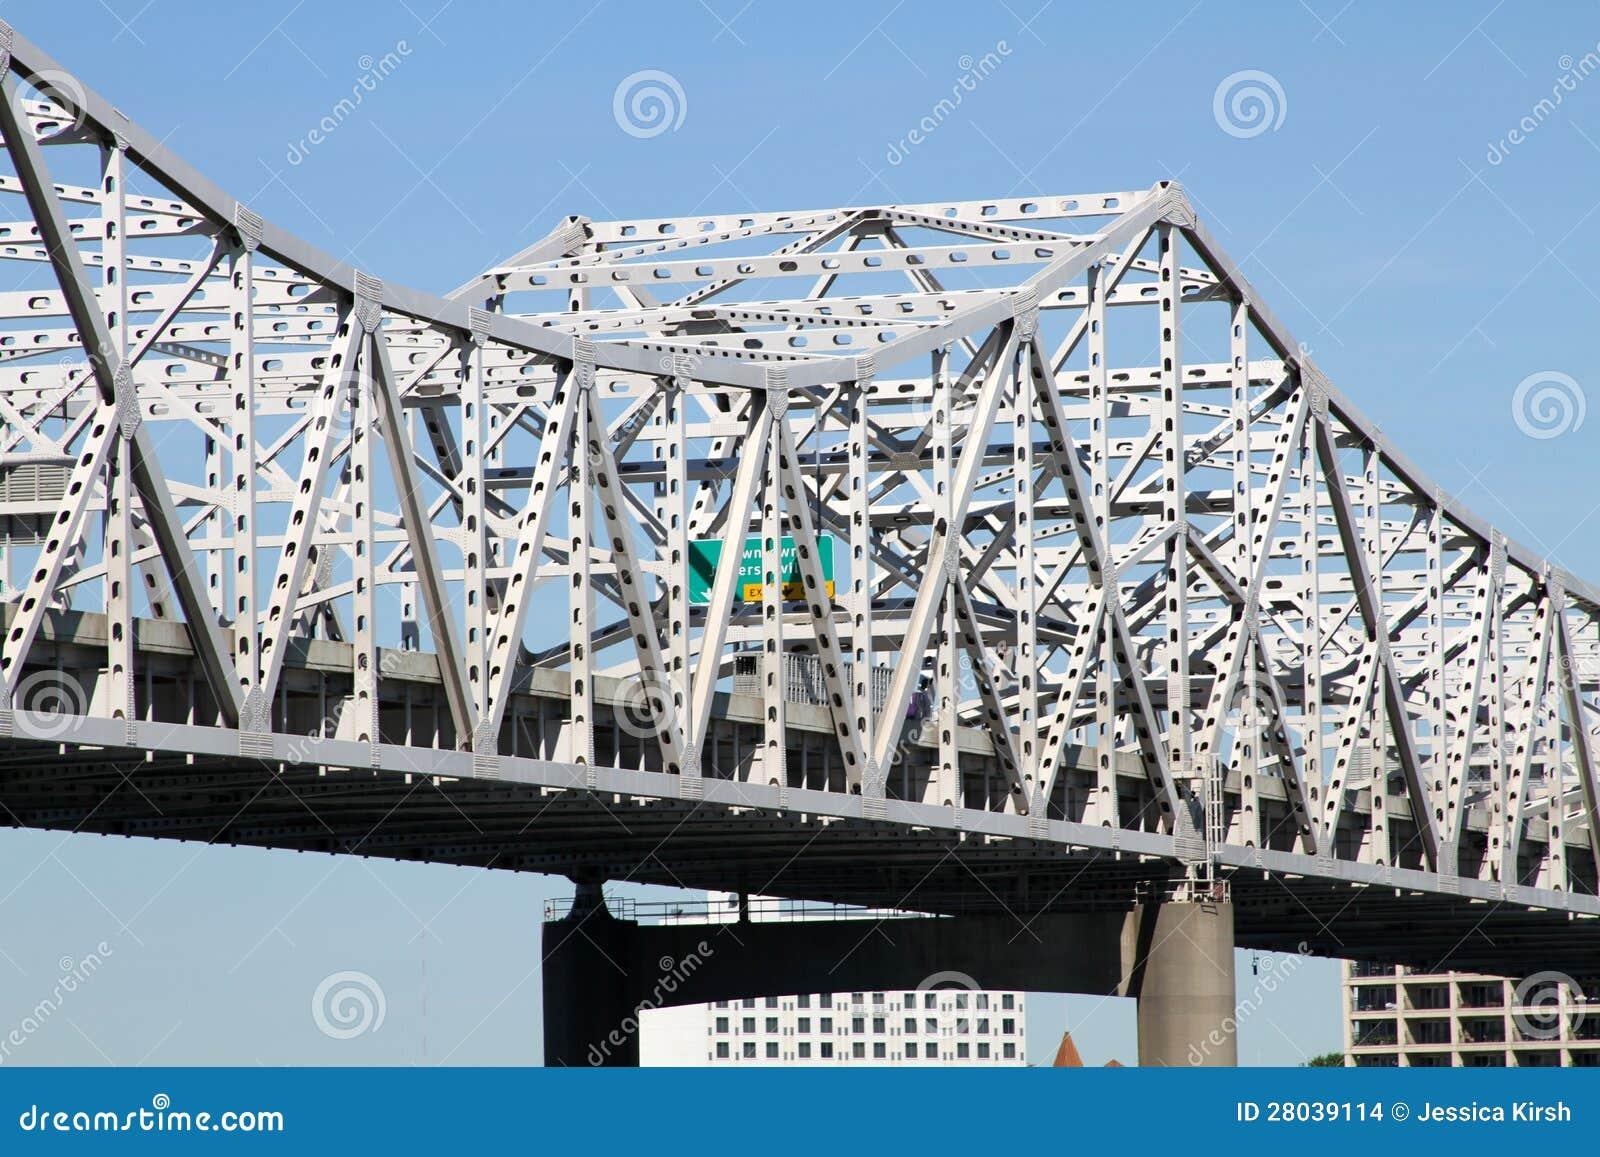 White Roadway River Bridge